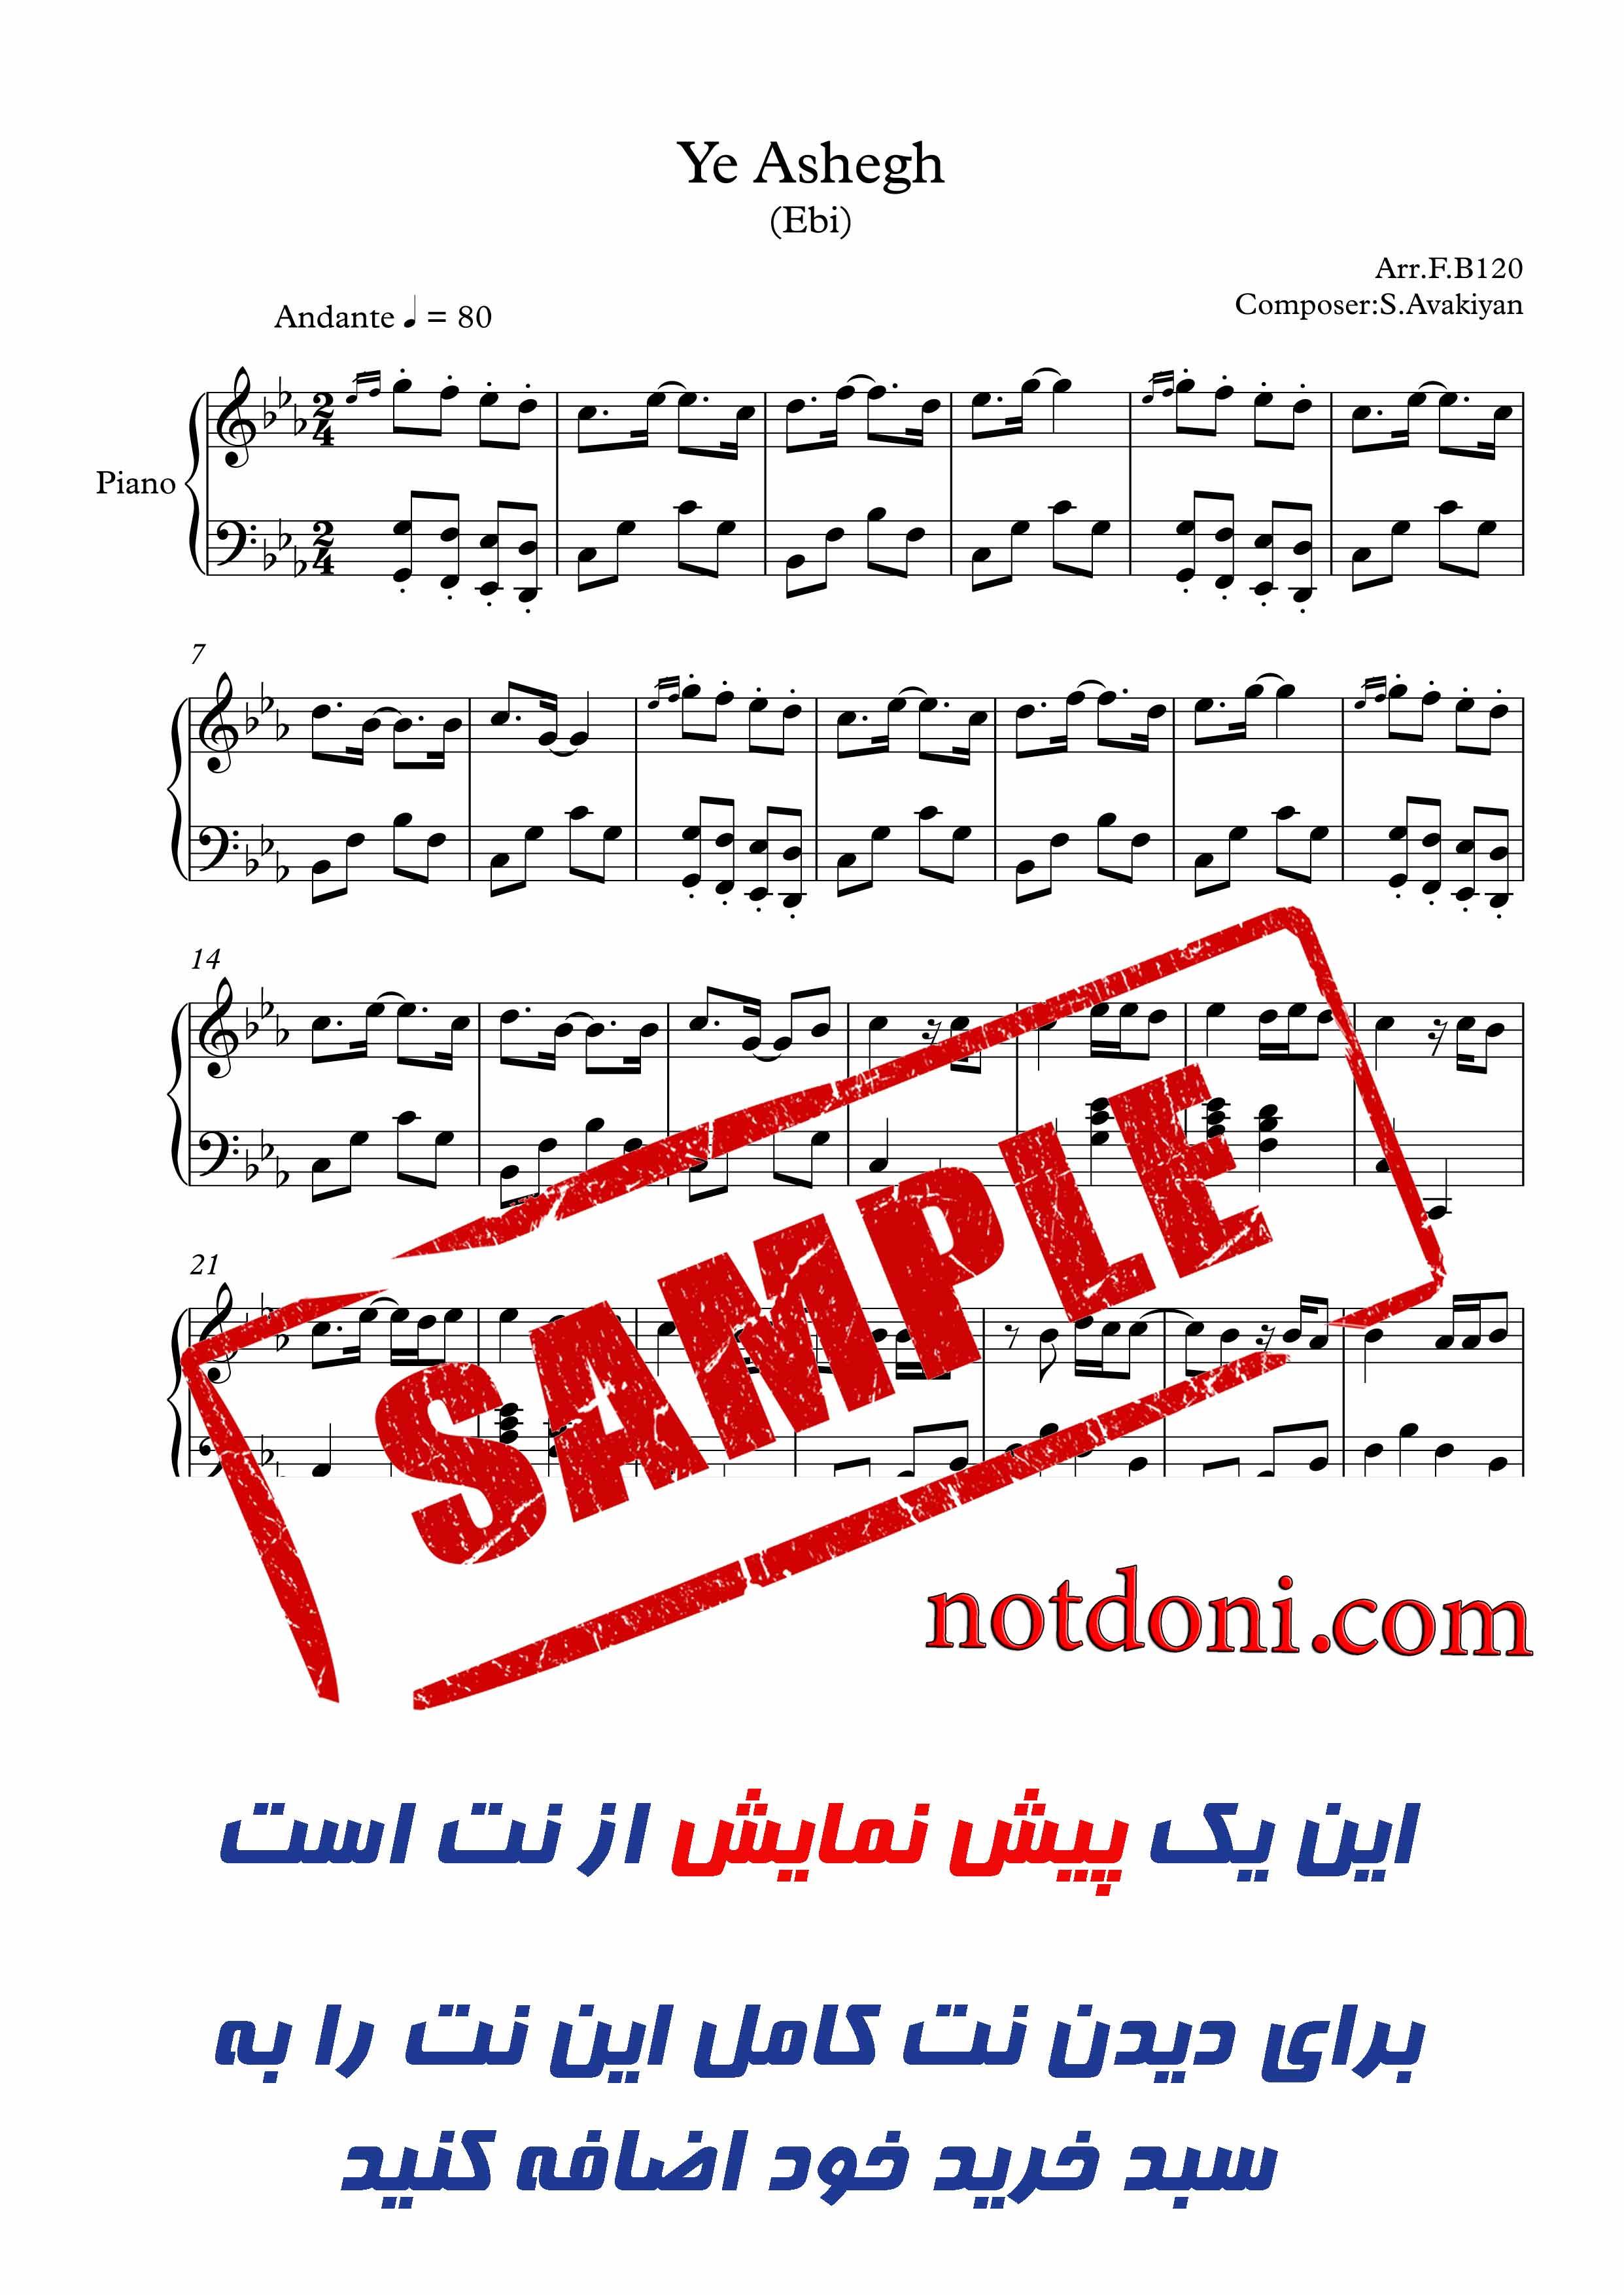 7ef51d95-cb99-40ef-848e-f67963646d01_نت-آهنگ.jpg